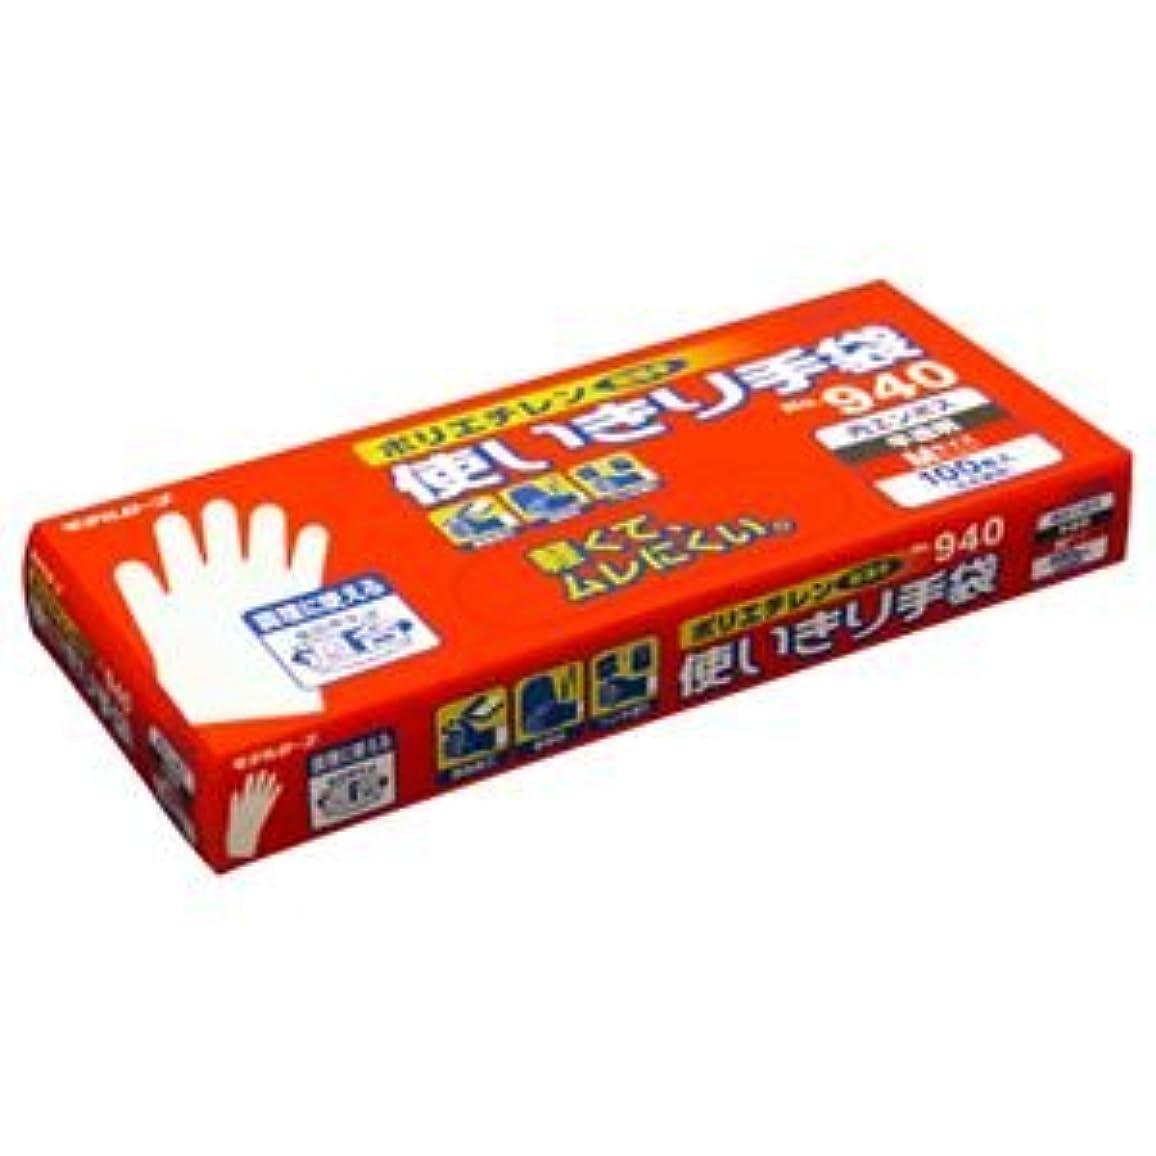 気分が良い役員戸口(まとめ) エステー No.940 ポリエチレン使いきり手袋(内エンボス) M 1箱(100枚) 【×10セット】 ds-1580600